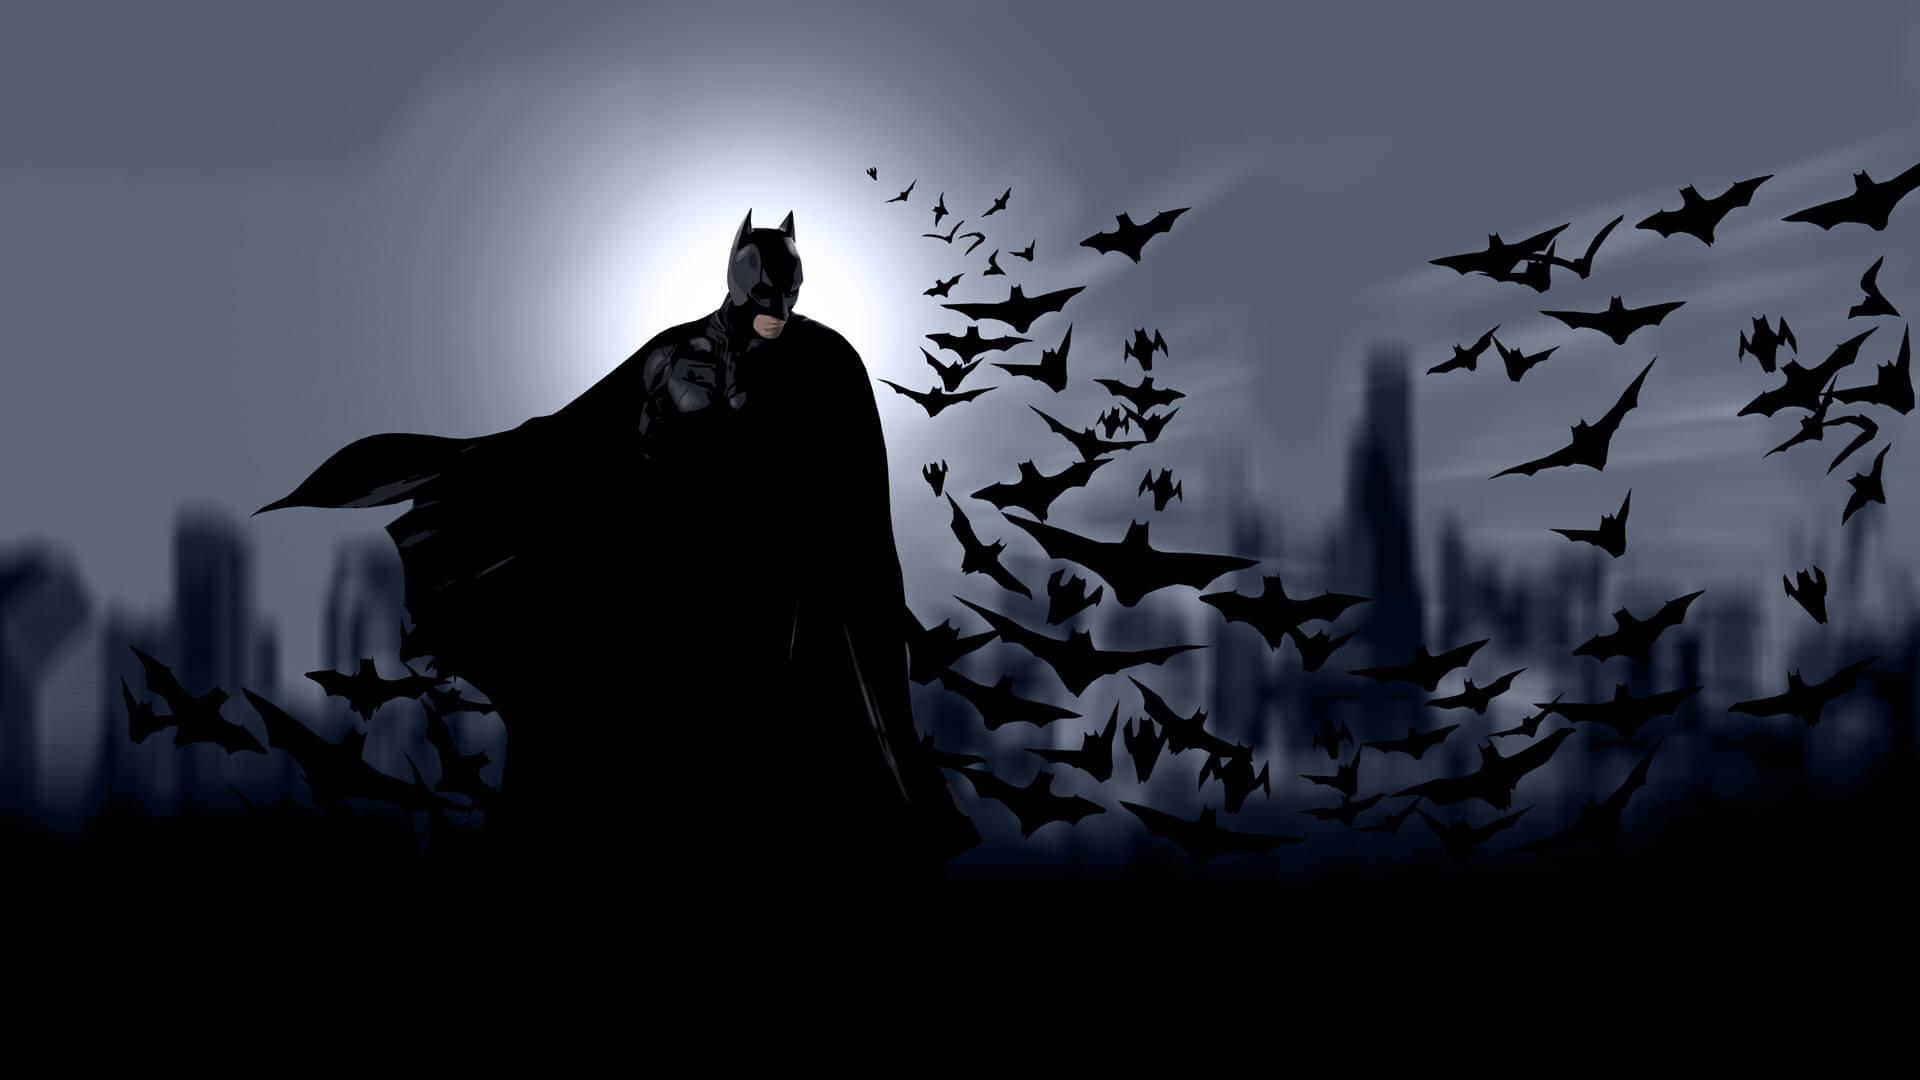 hd batman wallpaper 73 images